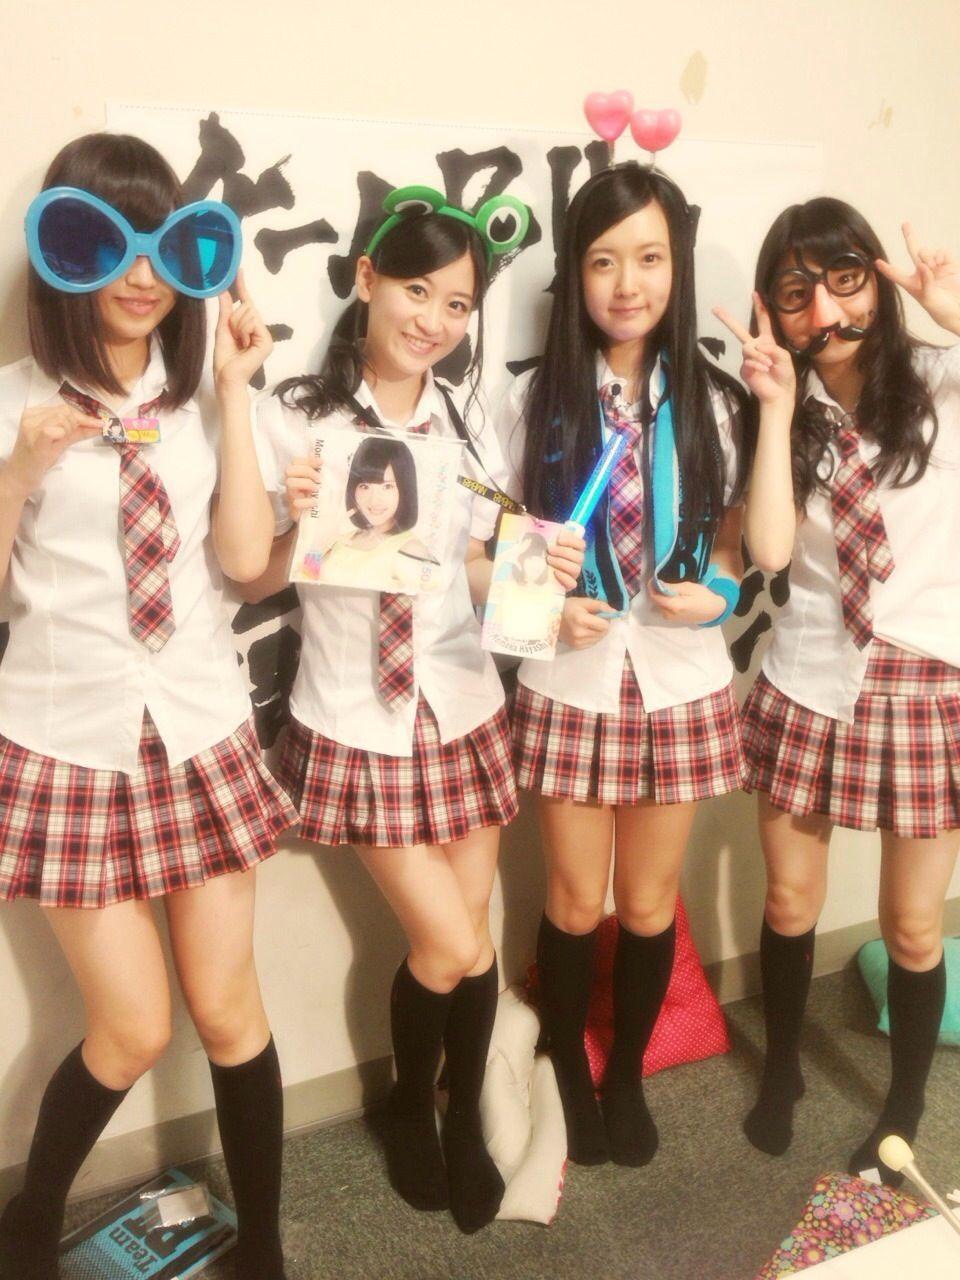 NMB48メンバーが須藤凜々花について語った衝撃の真実wwwwwwwwwwwwwwwww